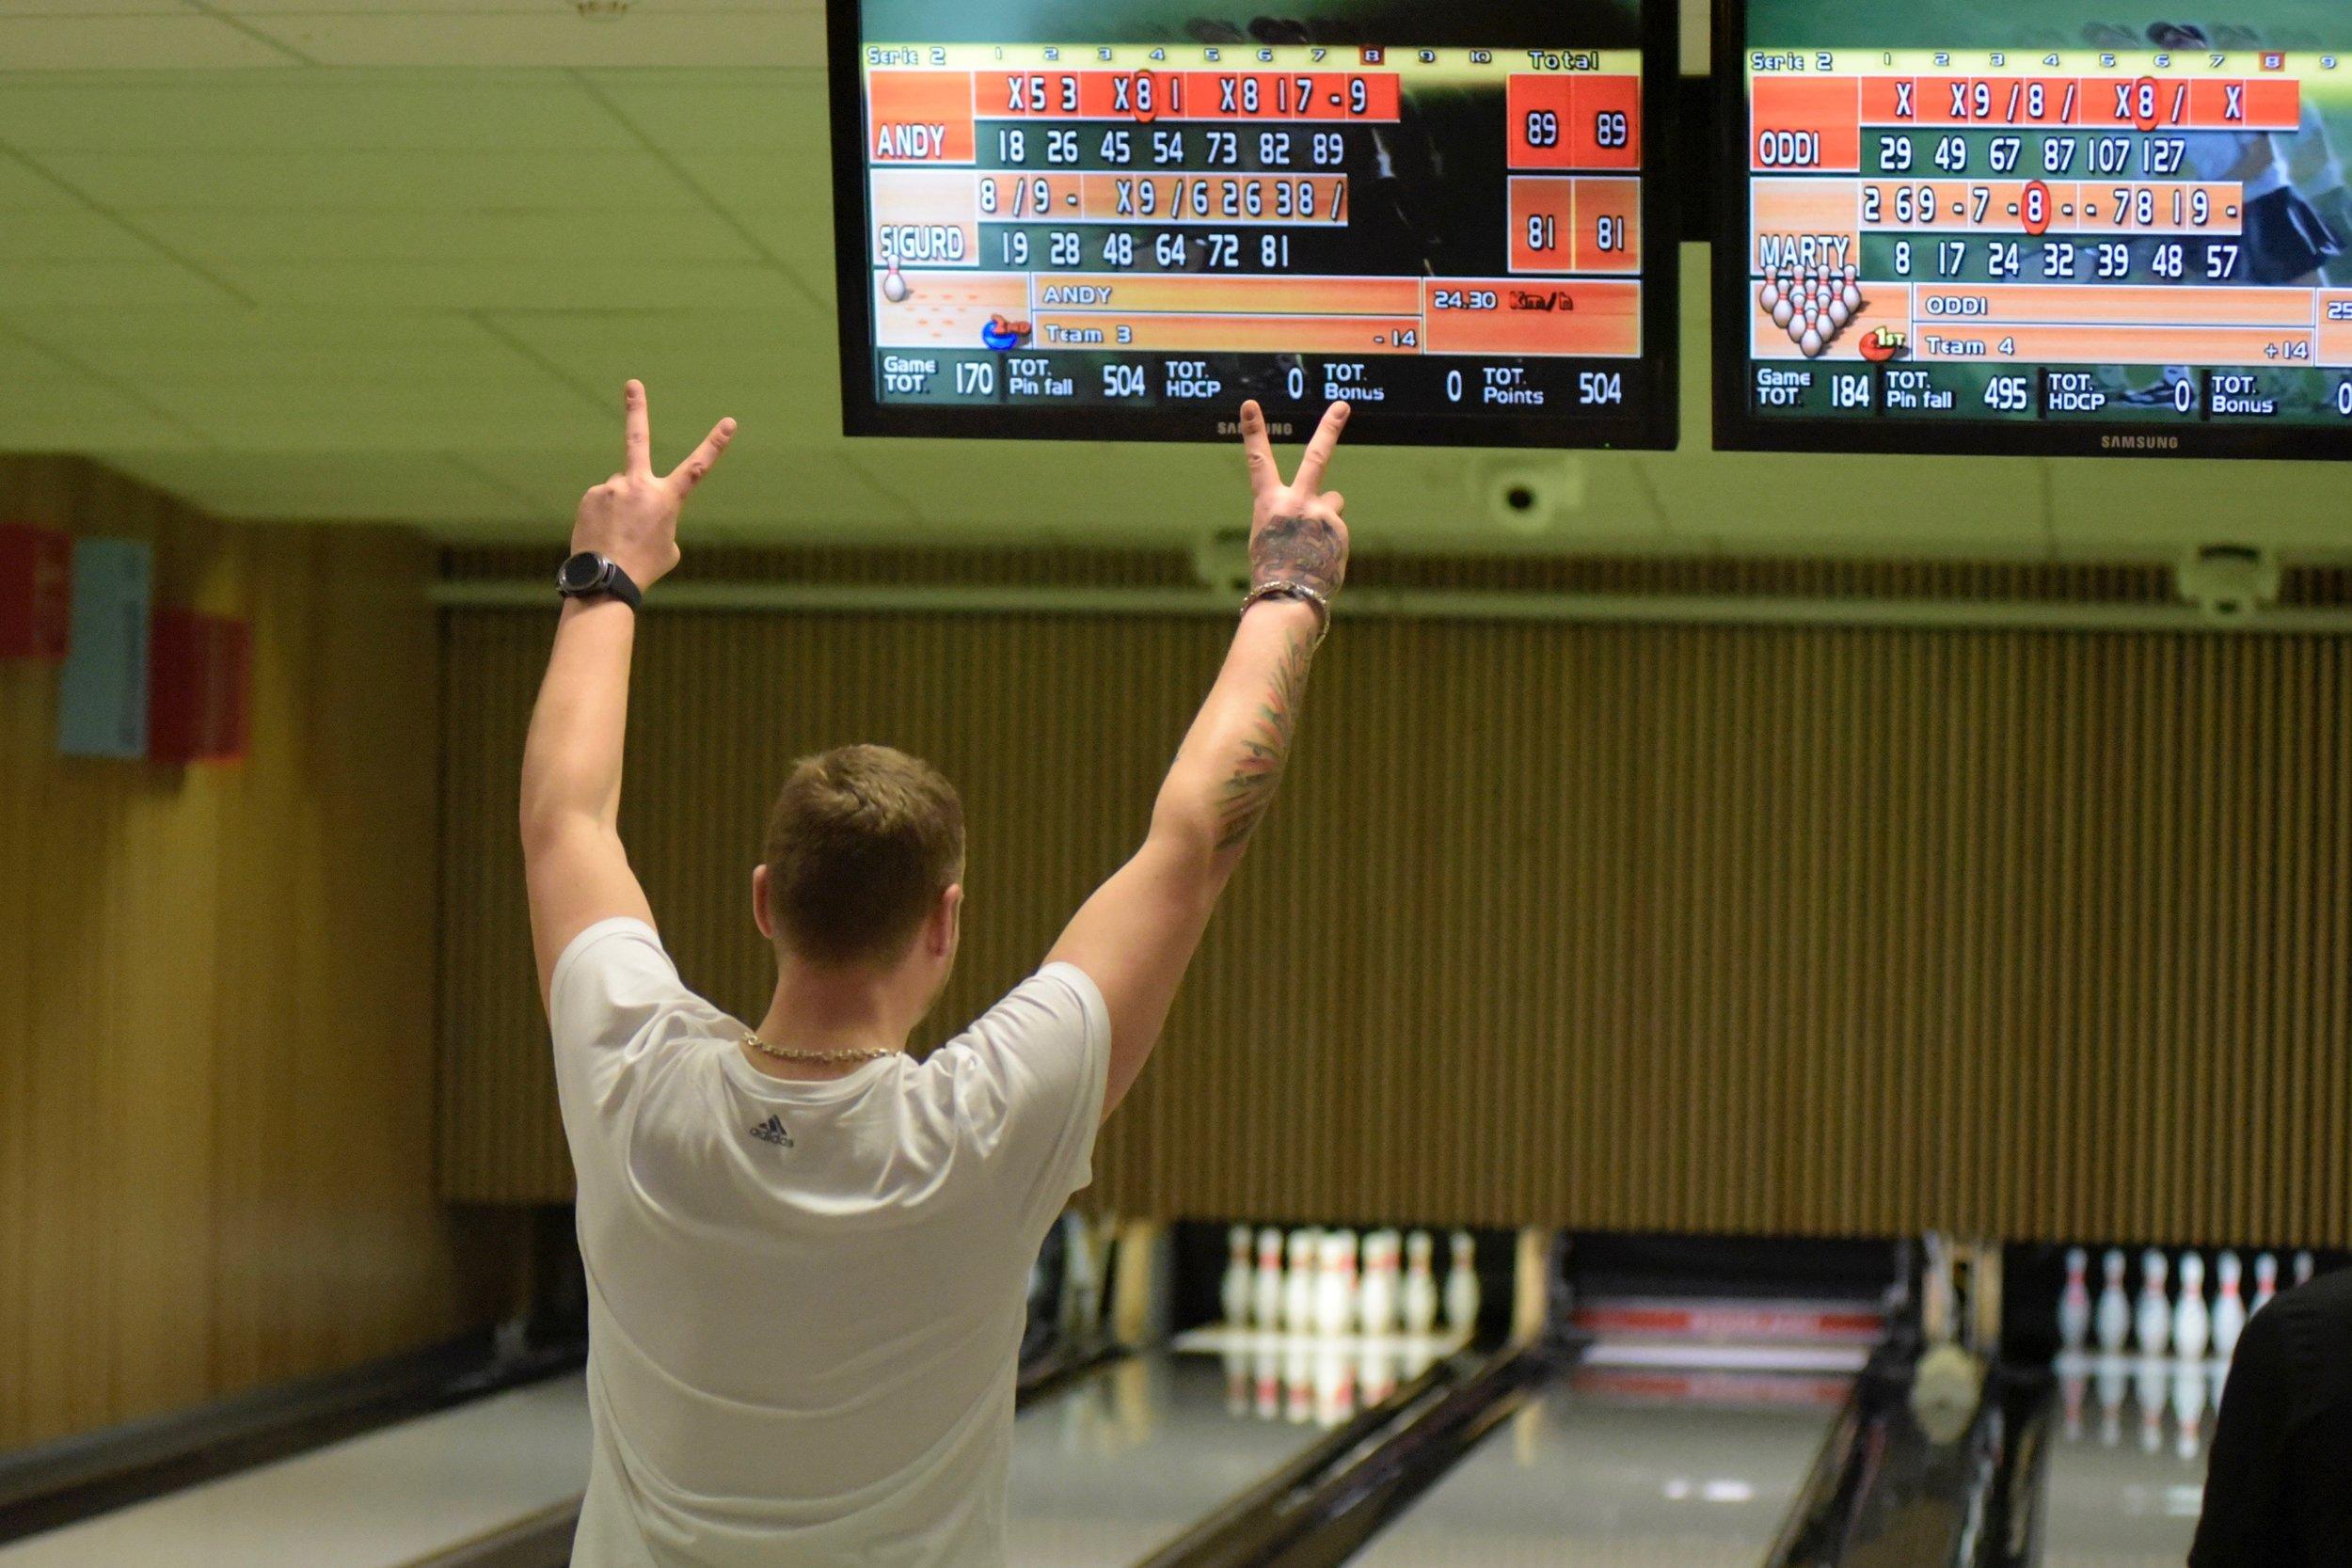 Det er stor jubel i bowlinghallen når noen klarer å treffe alle de ti kjeglene.